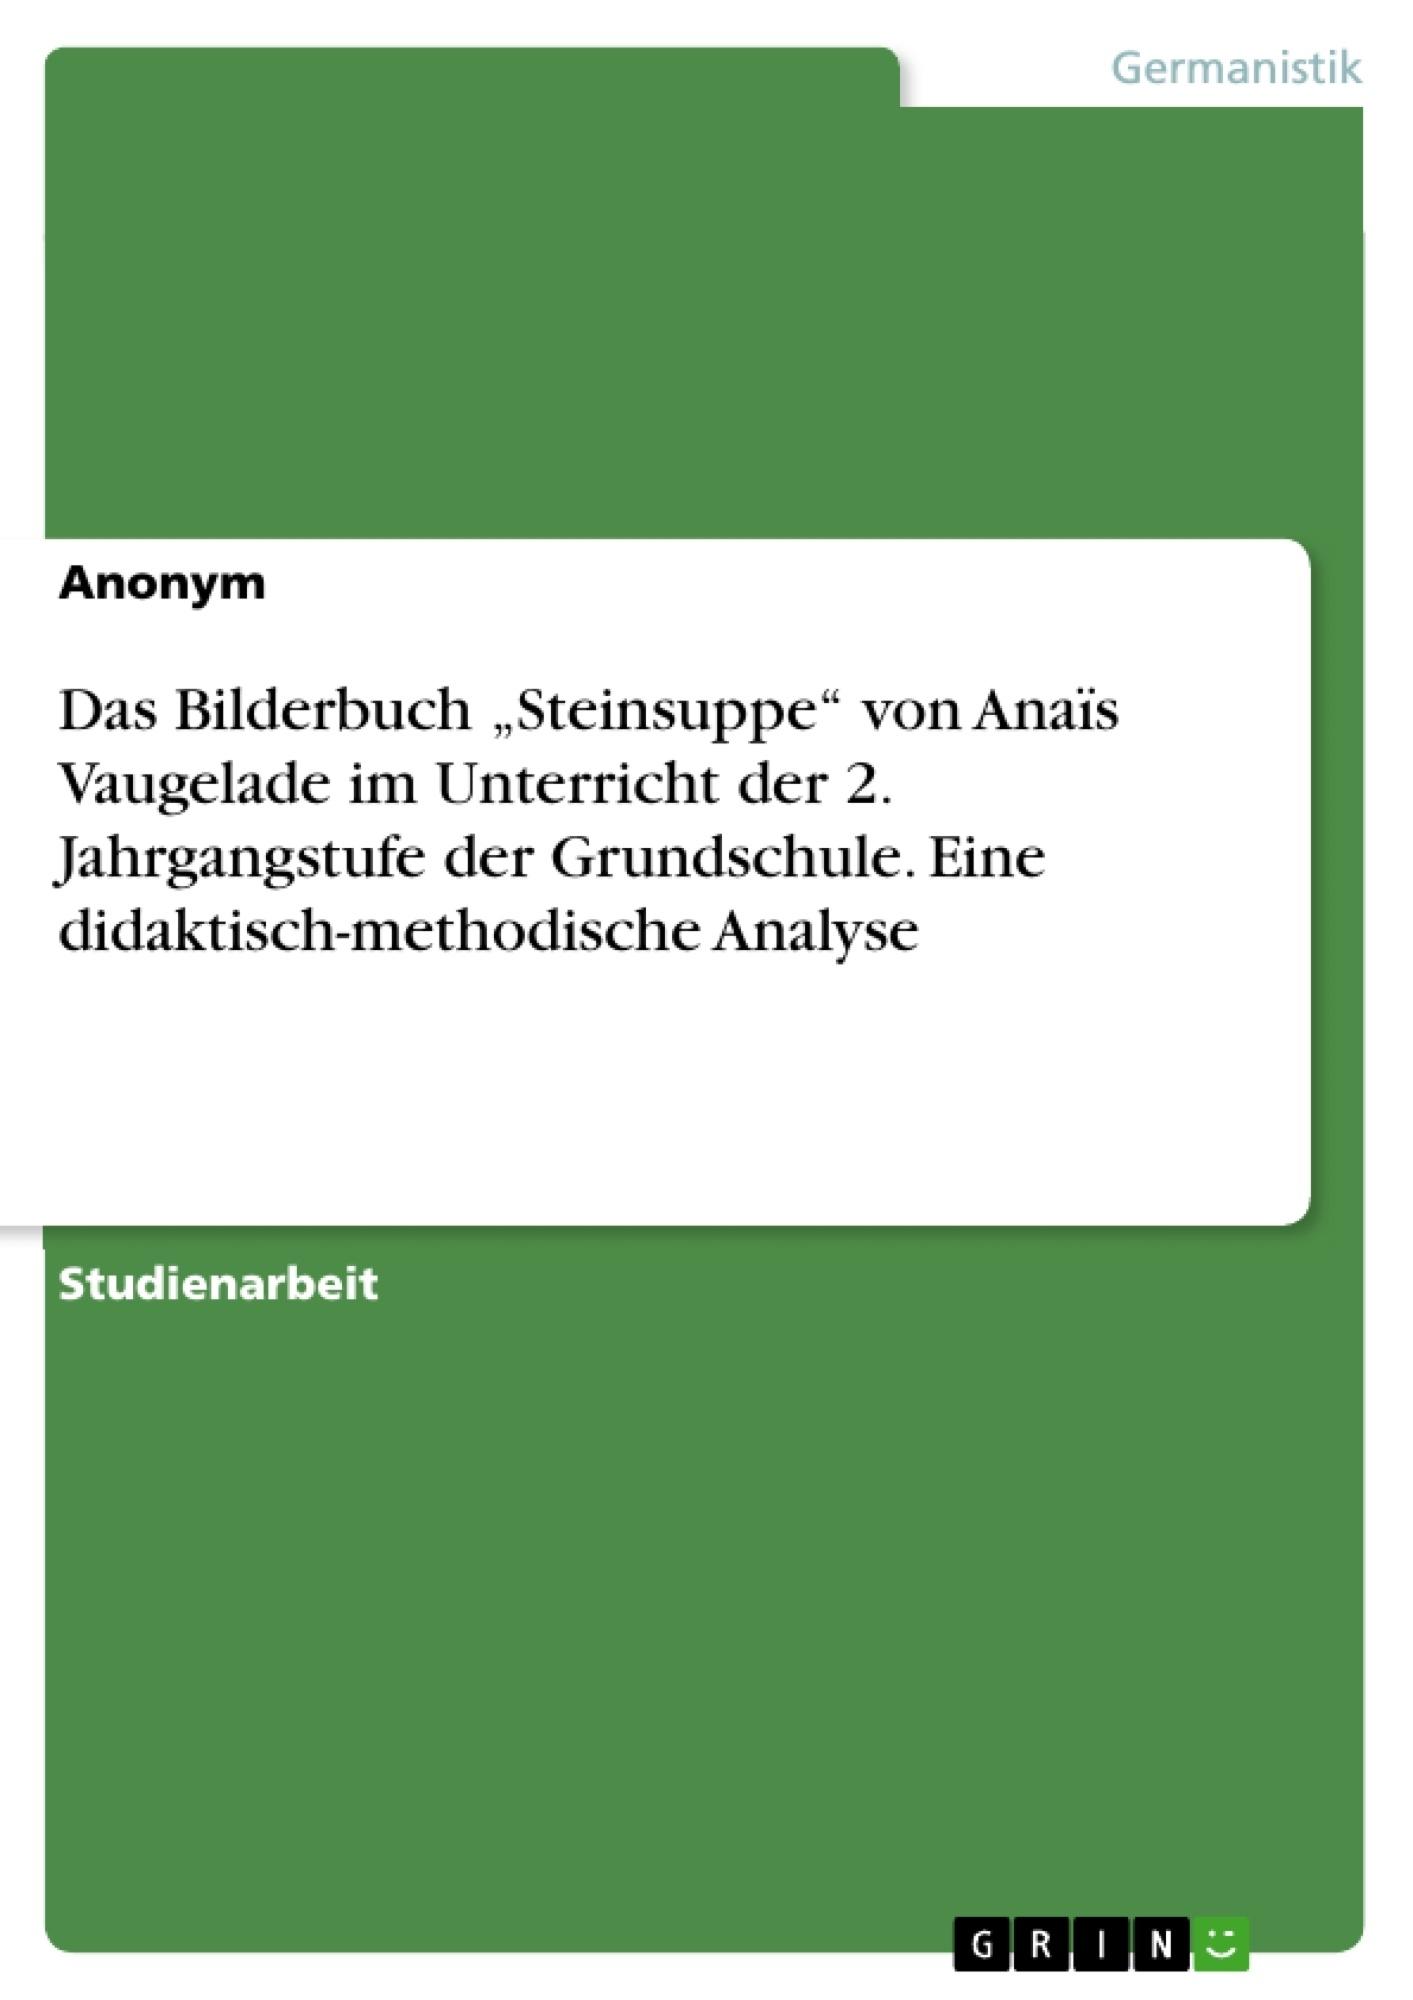 """Titel: Das Bilderbuch """"Steinsuppe"""" von Anaïs Vaugelade im Unterricht der 2. Jahrgangstufe der Grundschule. Eine didaktisch-methodische Analyse"""